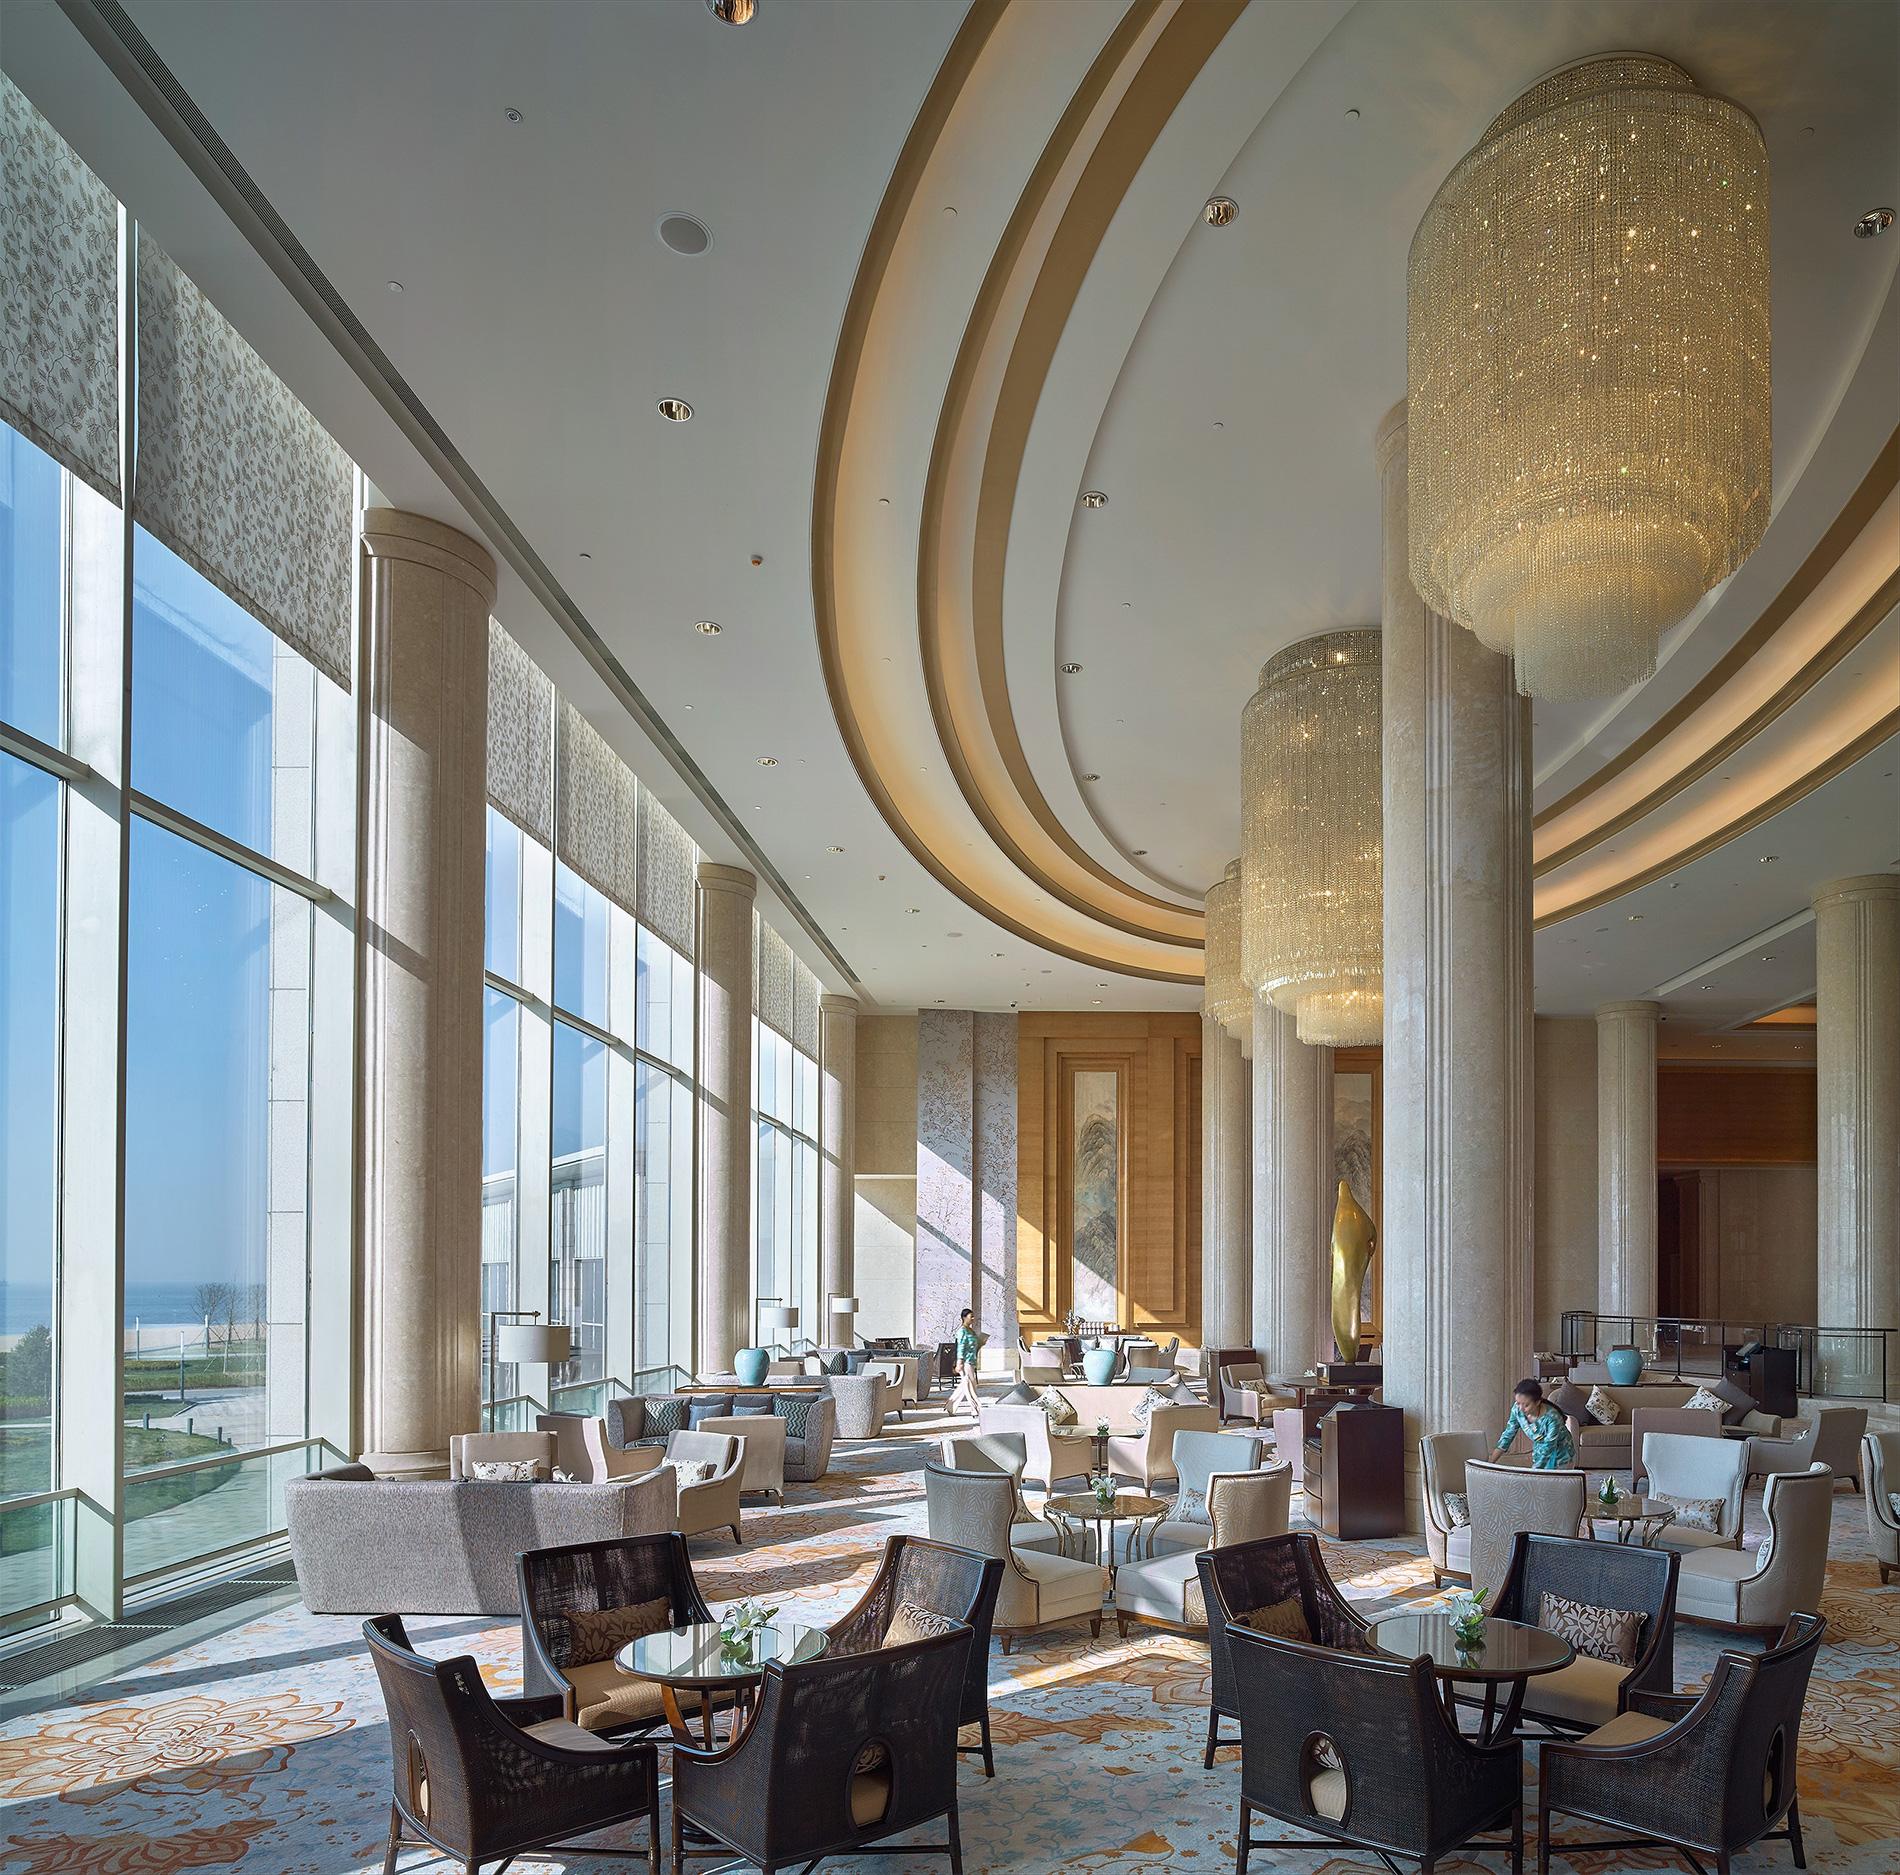 shangrila hotel Shangri-la hotel, paris , париж, франция - 43 отзывы гостей  забронируйте отель прямо сейчас.